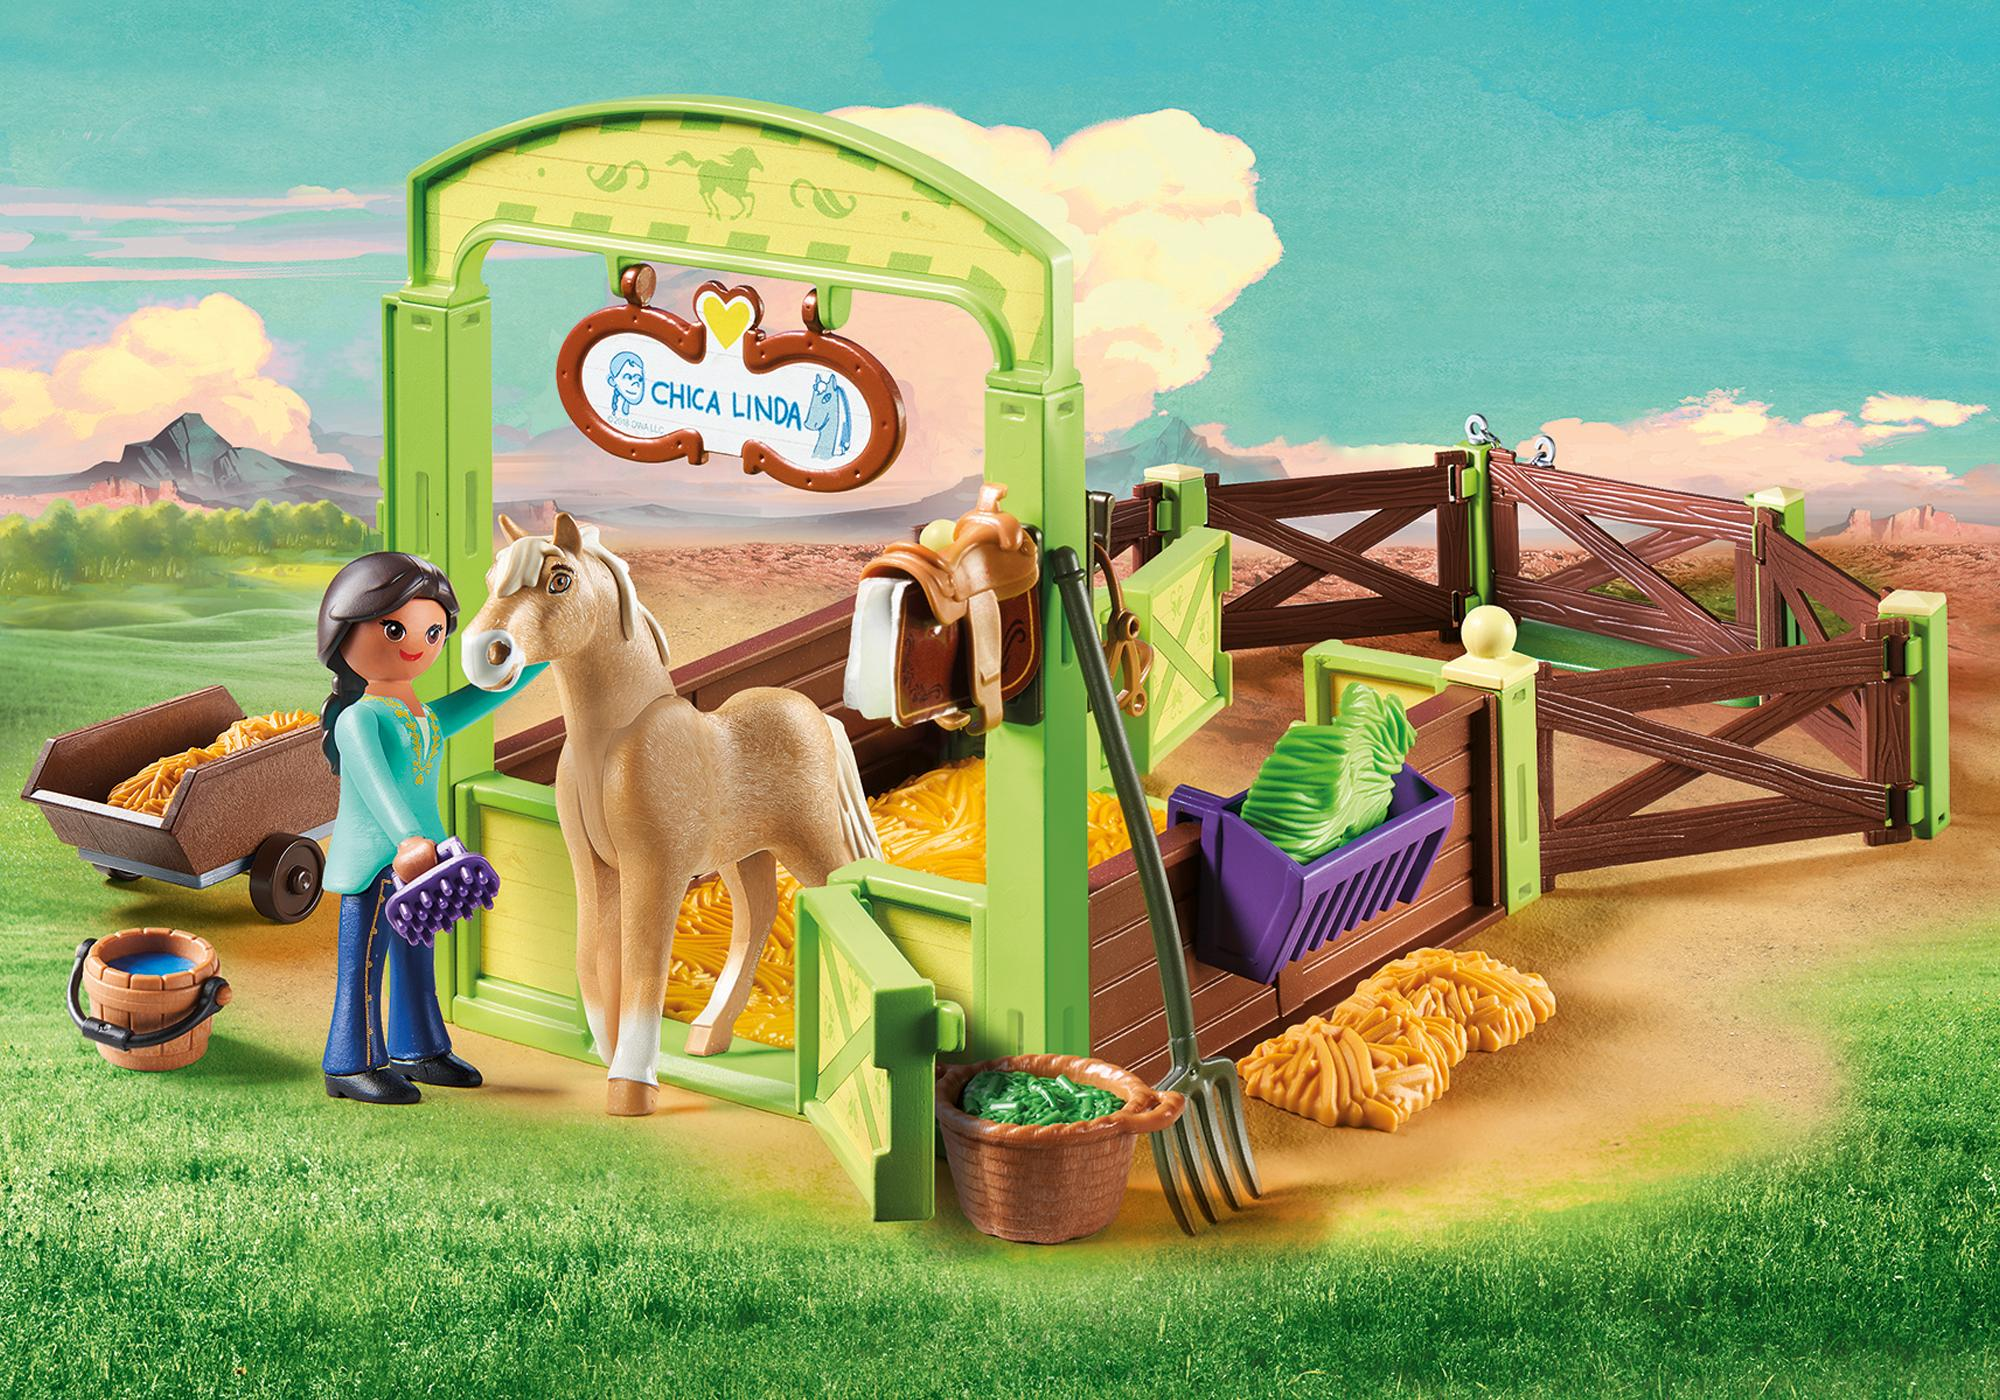 http://media.playmobil.com/i/playmobil/9479_product_detail/Estábulo 'Pru e Chica Linda'